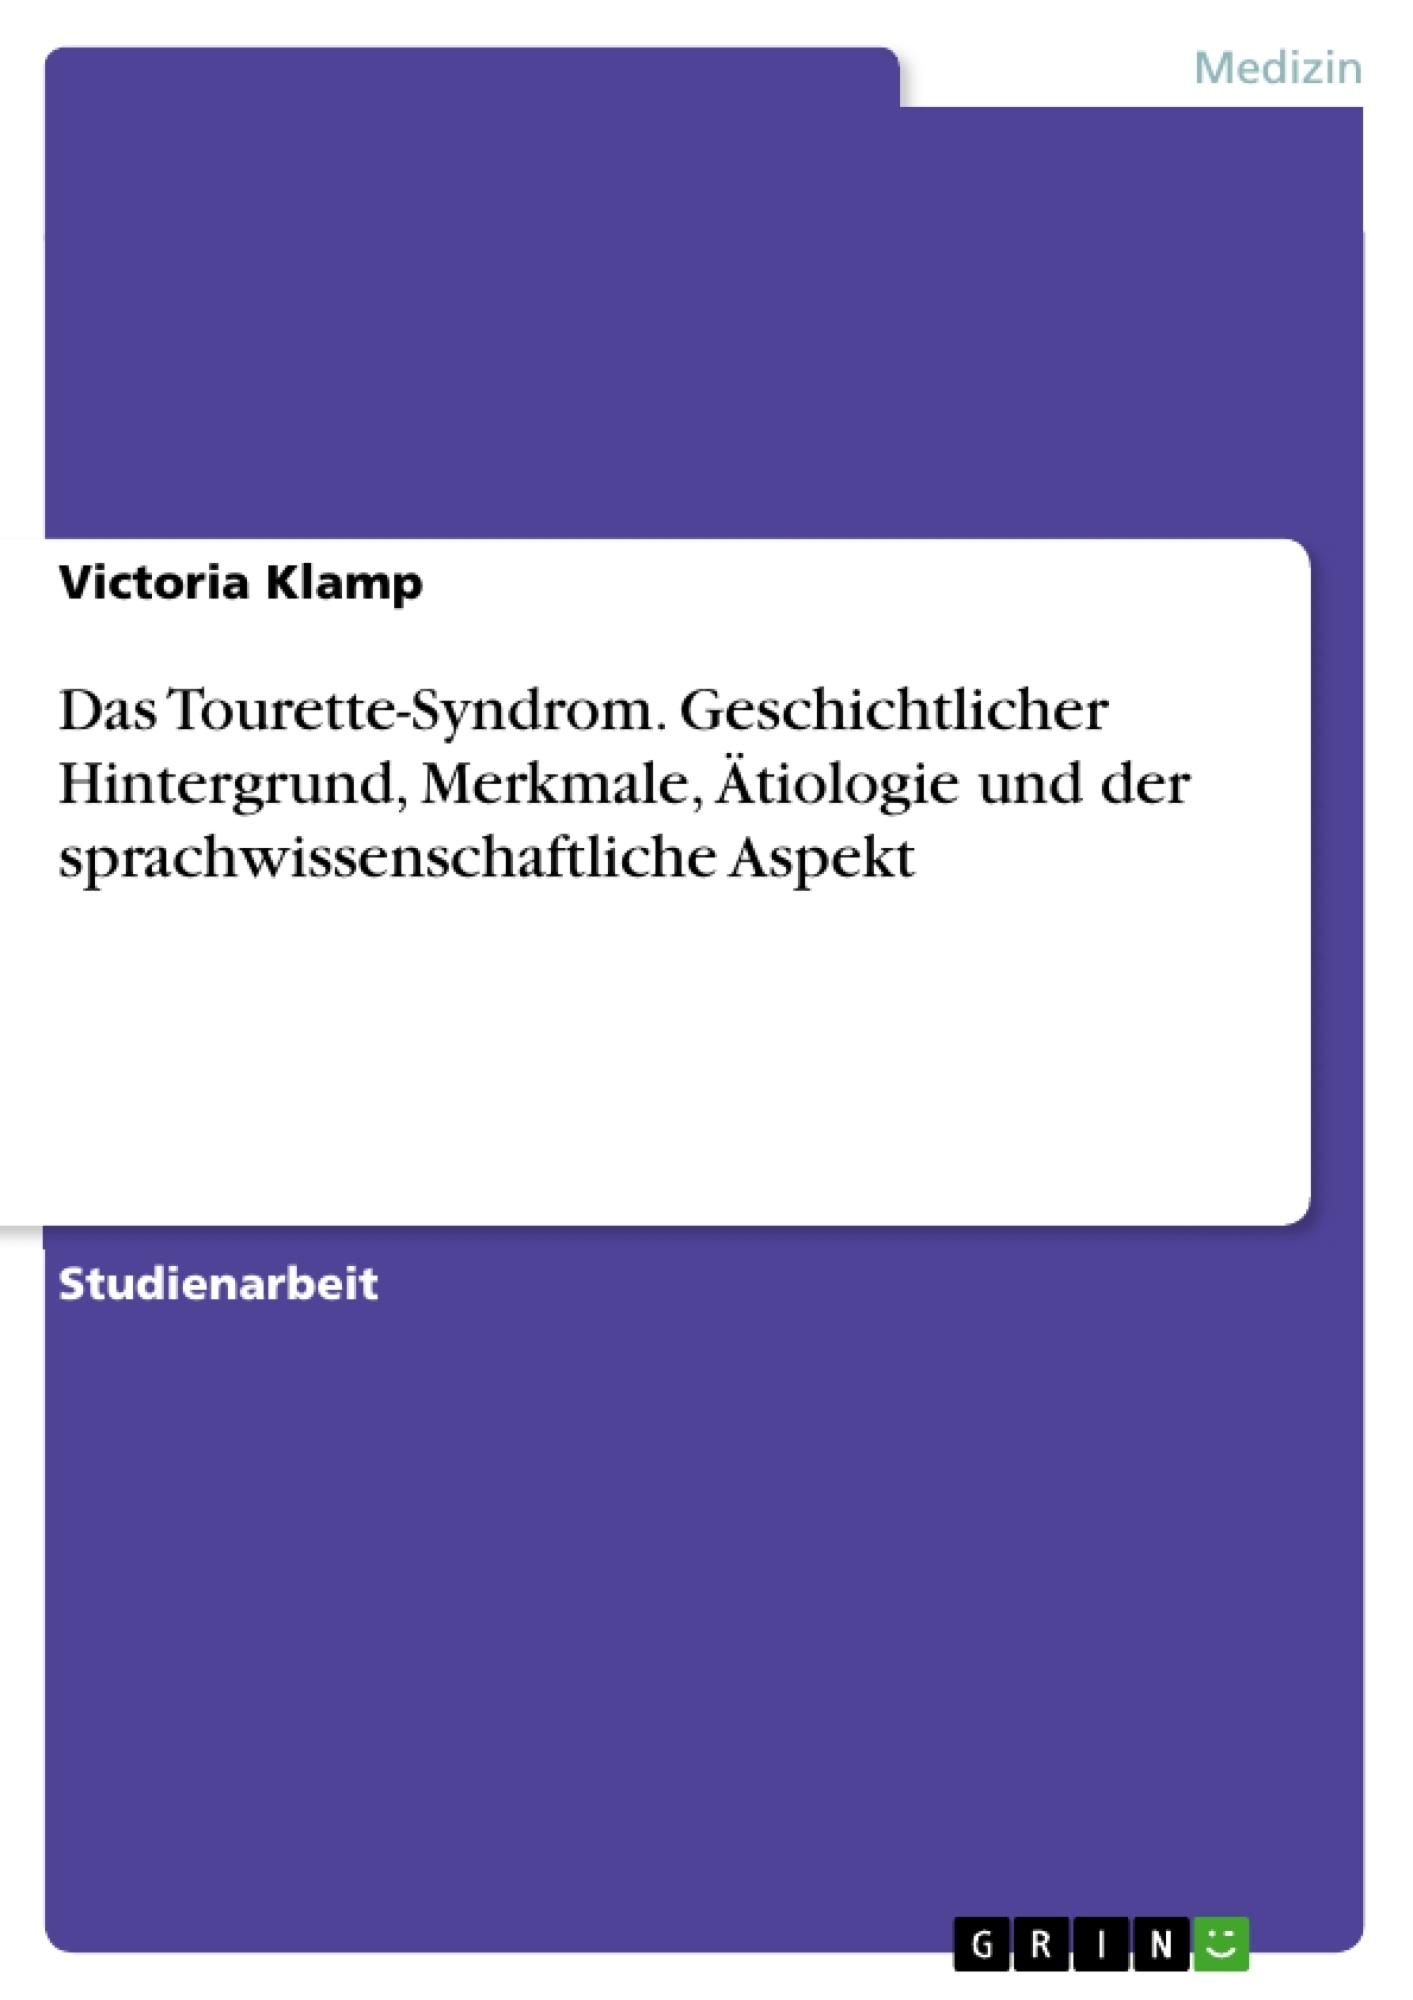 Titel: Das Tourette-Syndrom. Geschichtlicher Hintergrund, Merkmale, Ätiologie und der sprachwissenschaftliche Aspekt